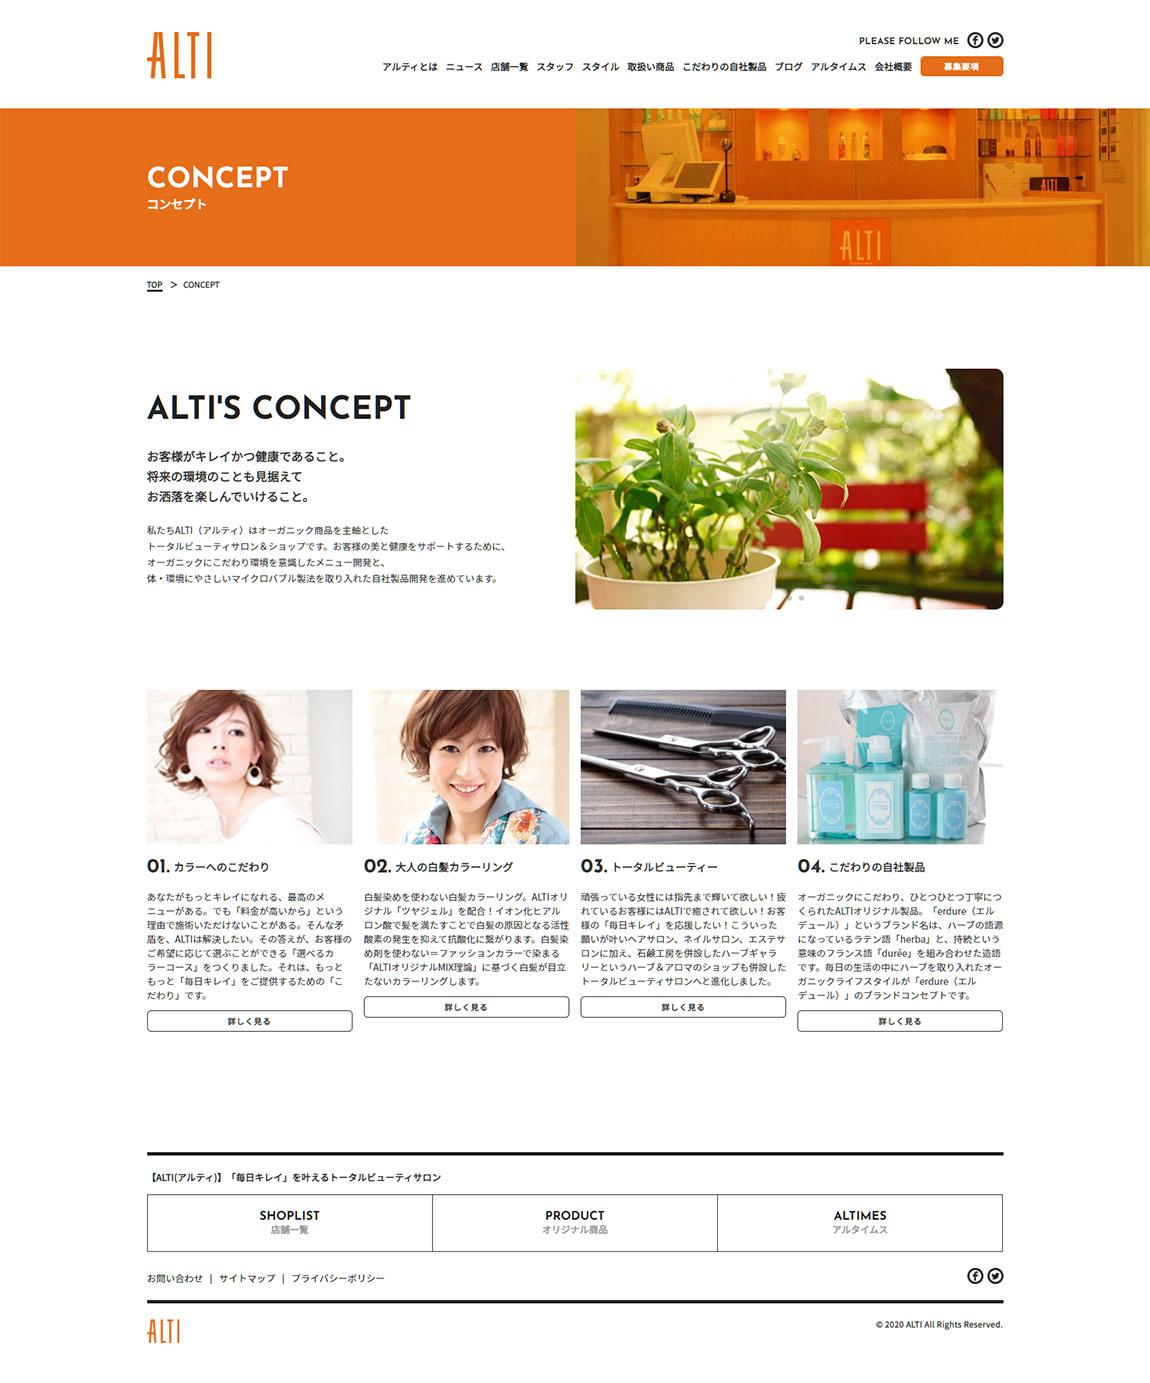 ALTI様公式ホームページPC